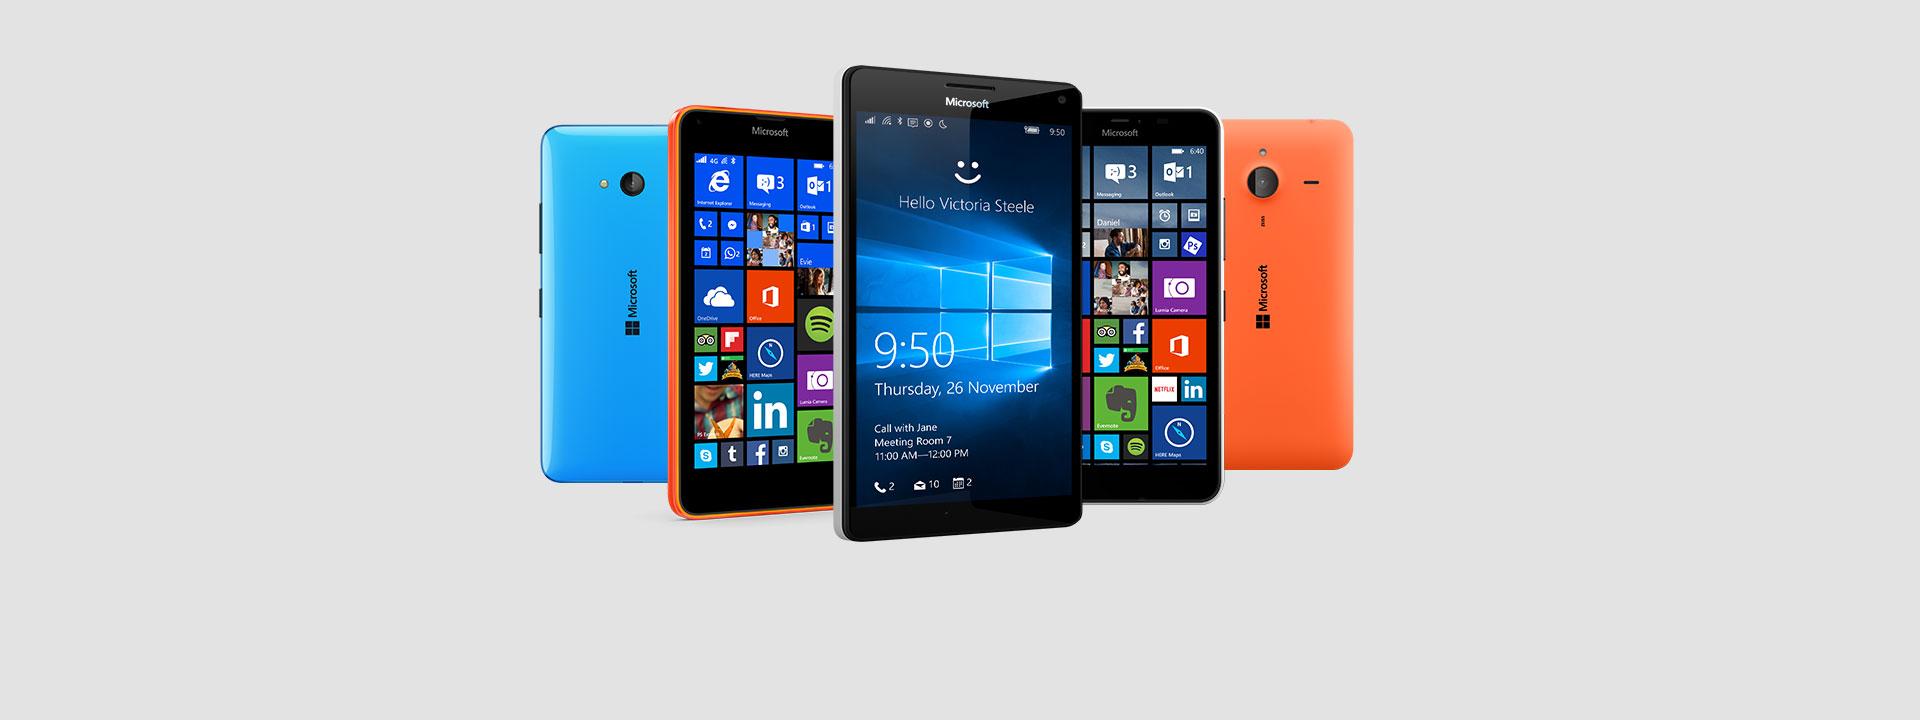 Telefoni Lumia, pronađite onaj koji vam najbolje odgovara